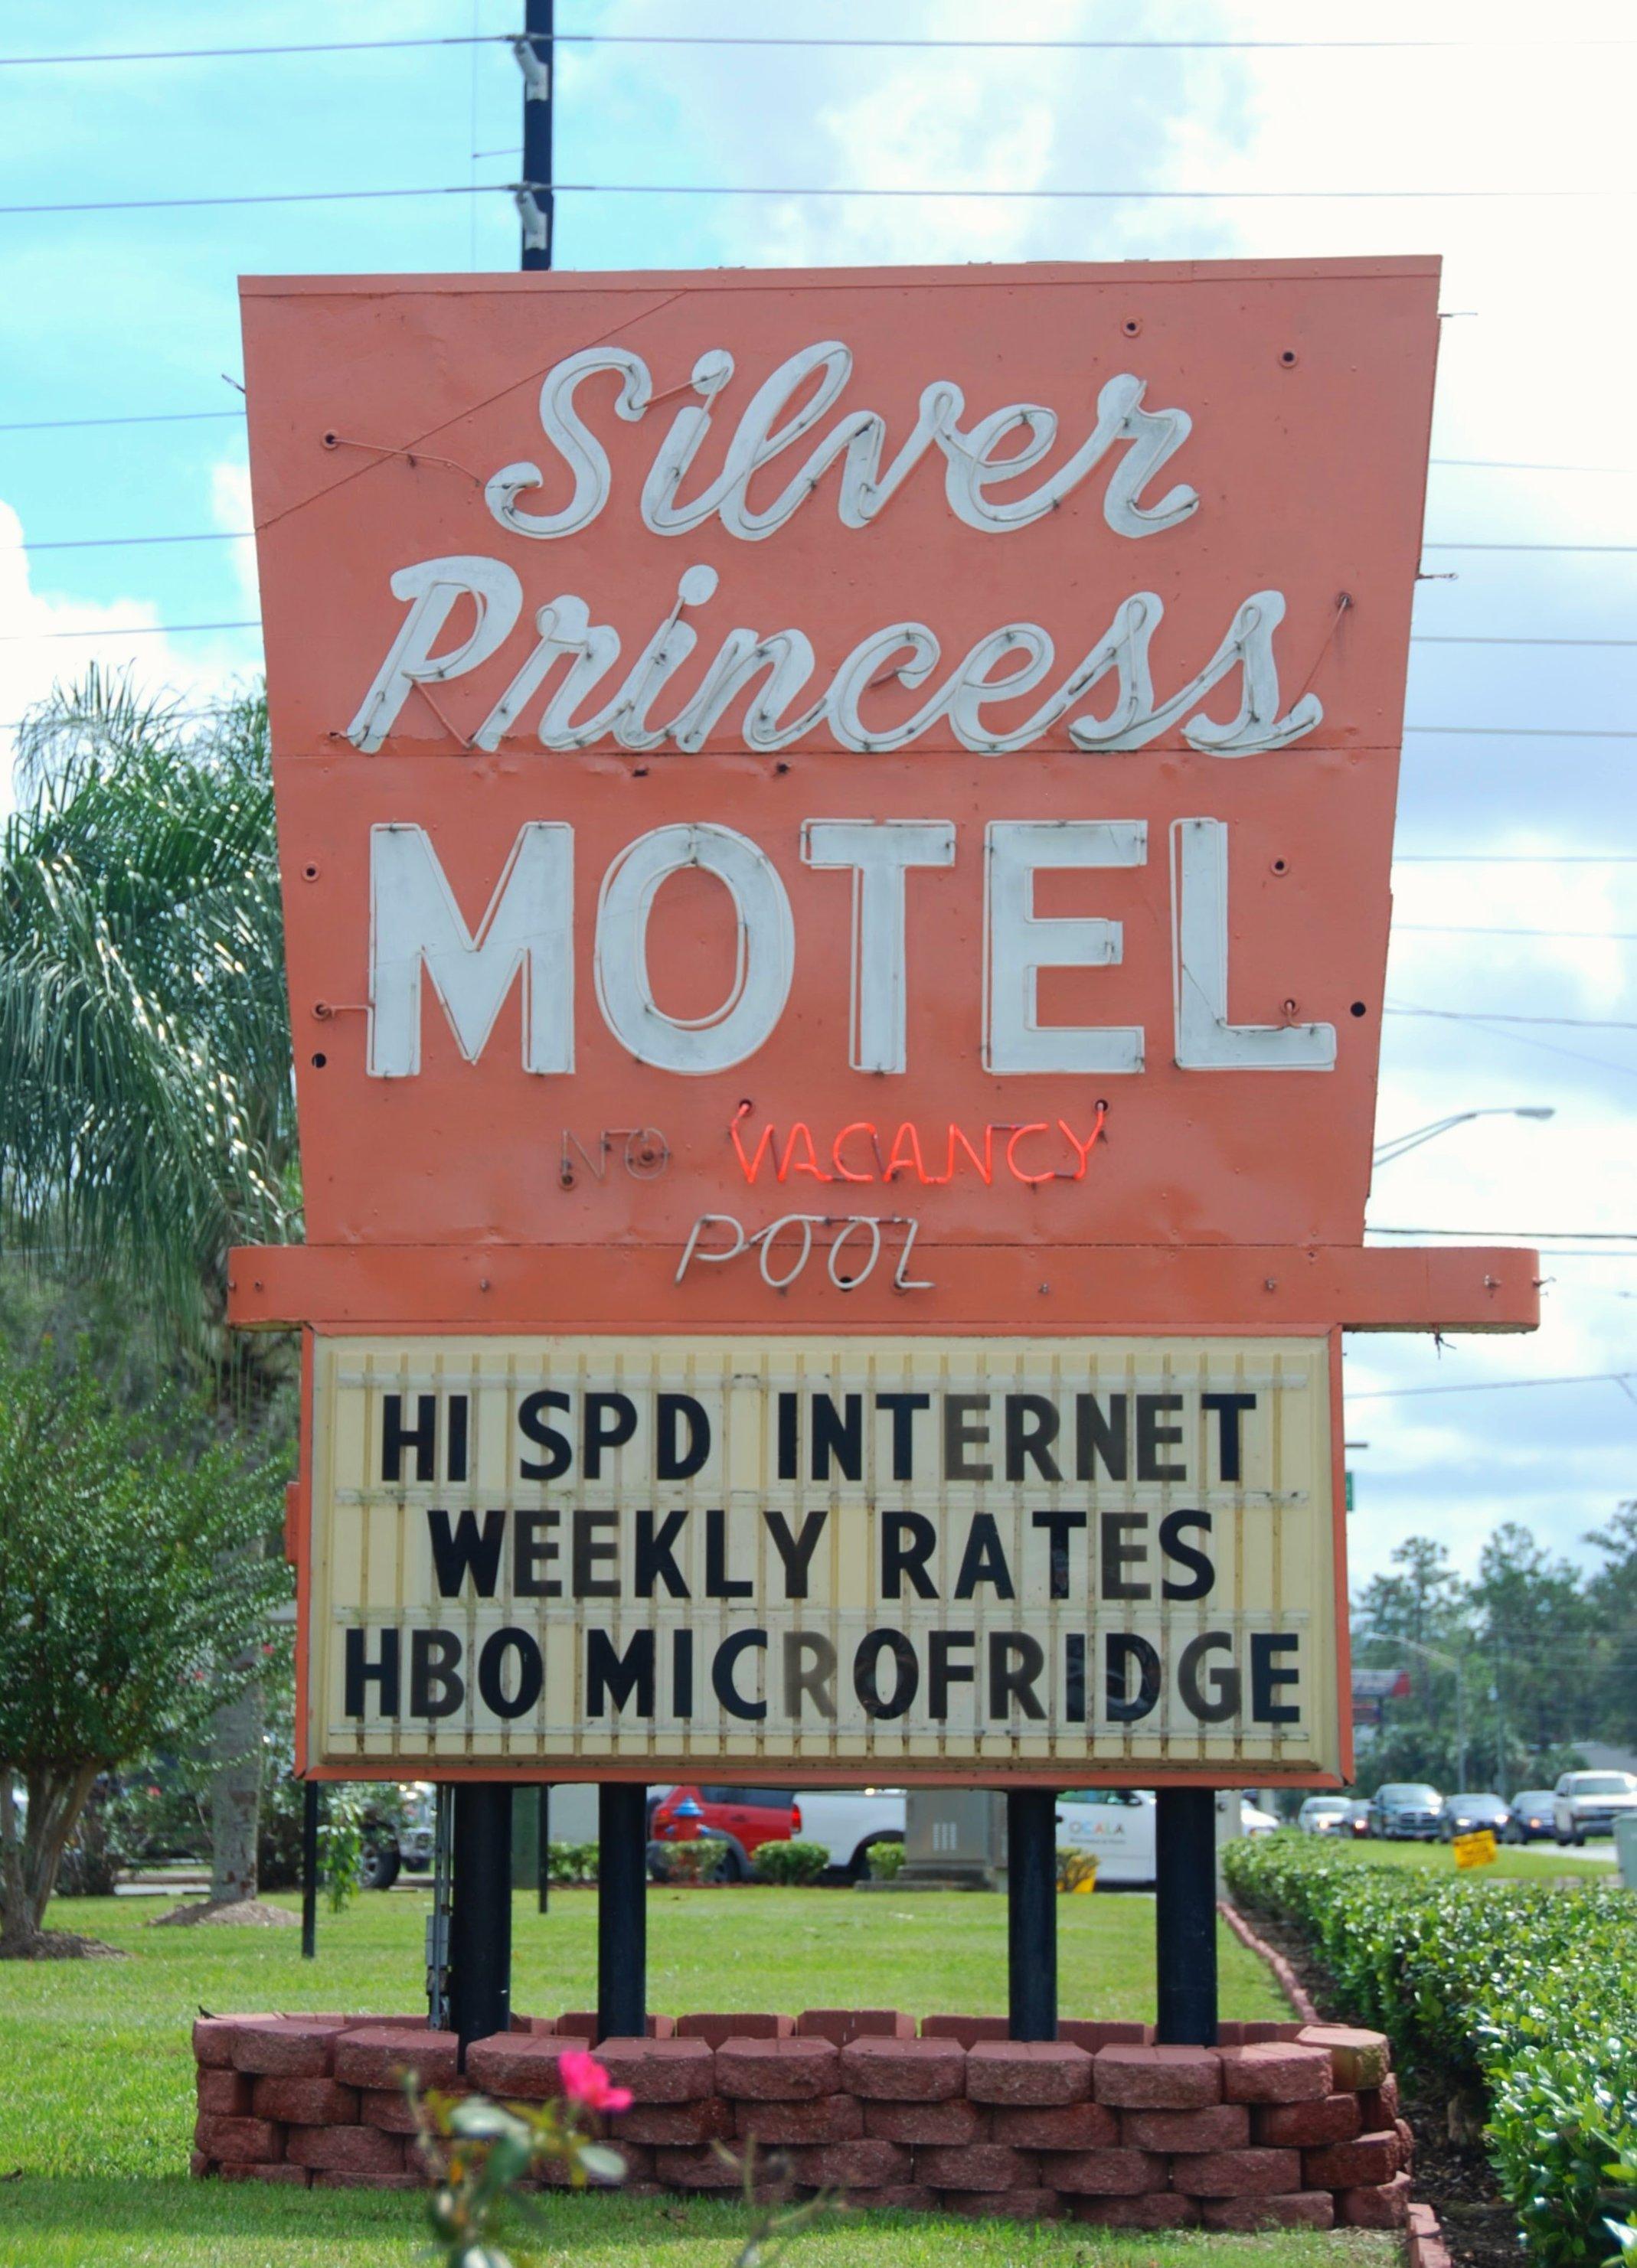 Silver Princess Motel - 3041 South Pine Avenue, Ocala, Florida U.S.A. - October 6, 2017